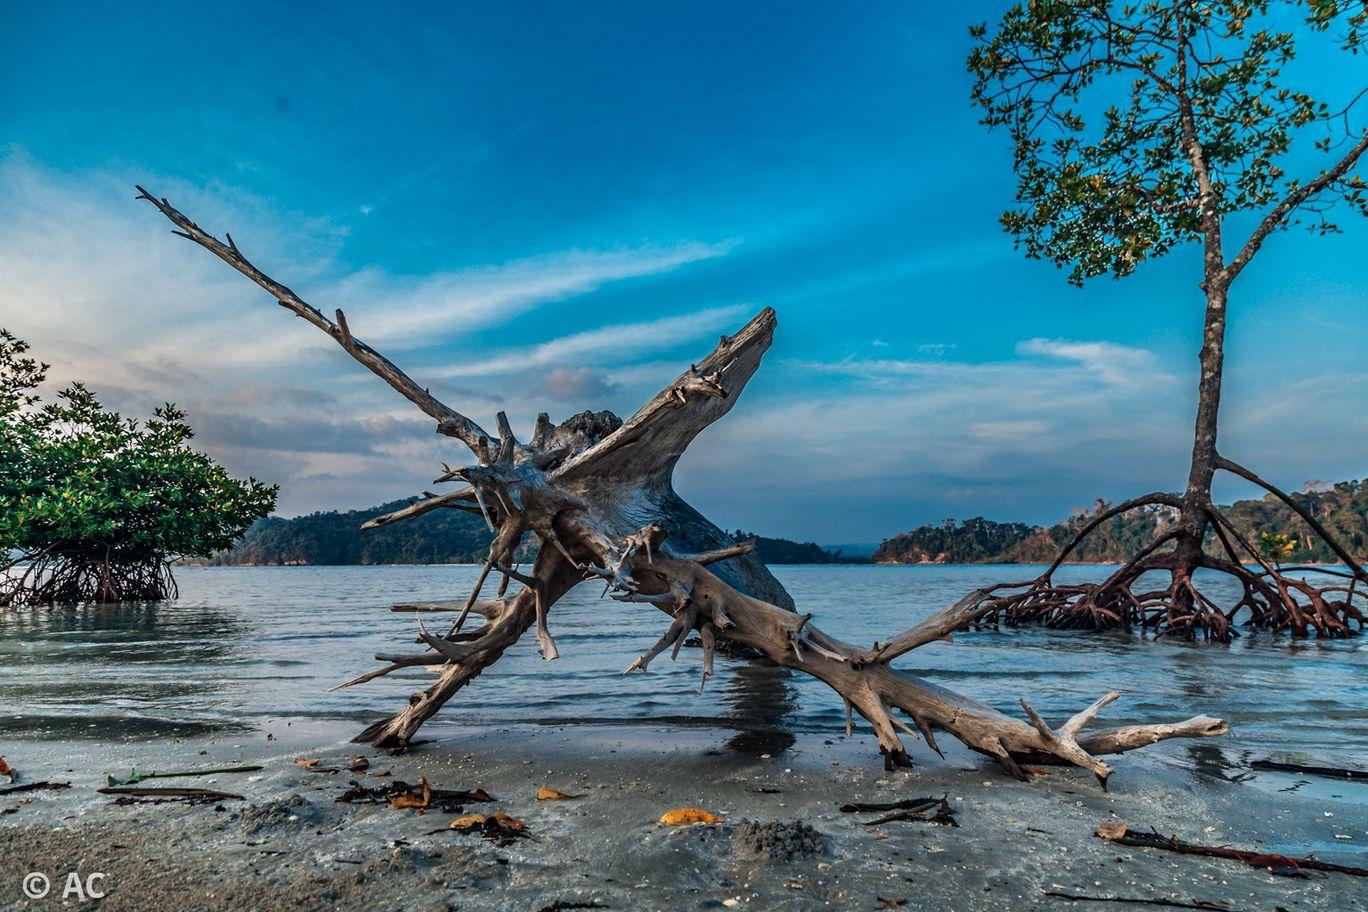 Photo of Wandoor By Abhishek Chatterjee